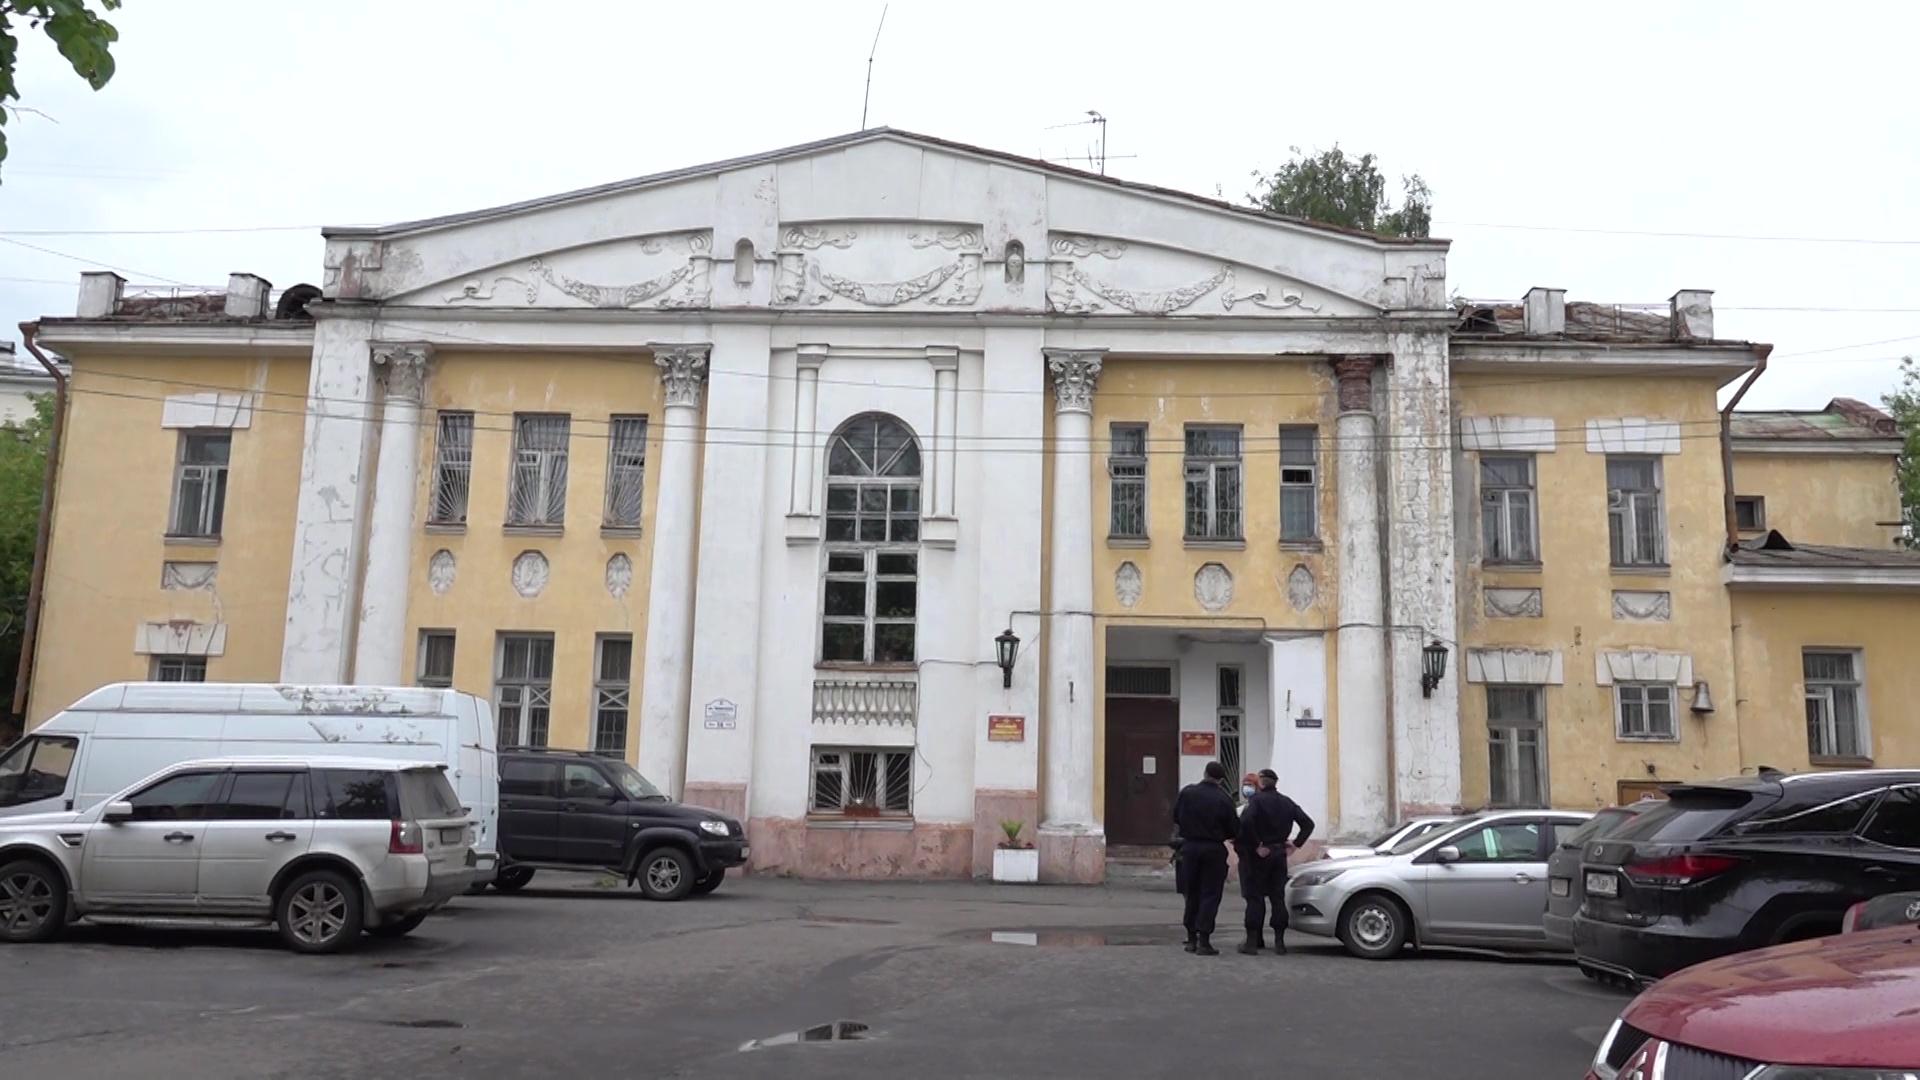 Военных принудительно выселяют из здания комиссариата на улице Ушинского